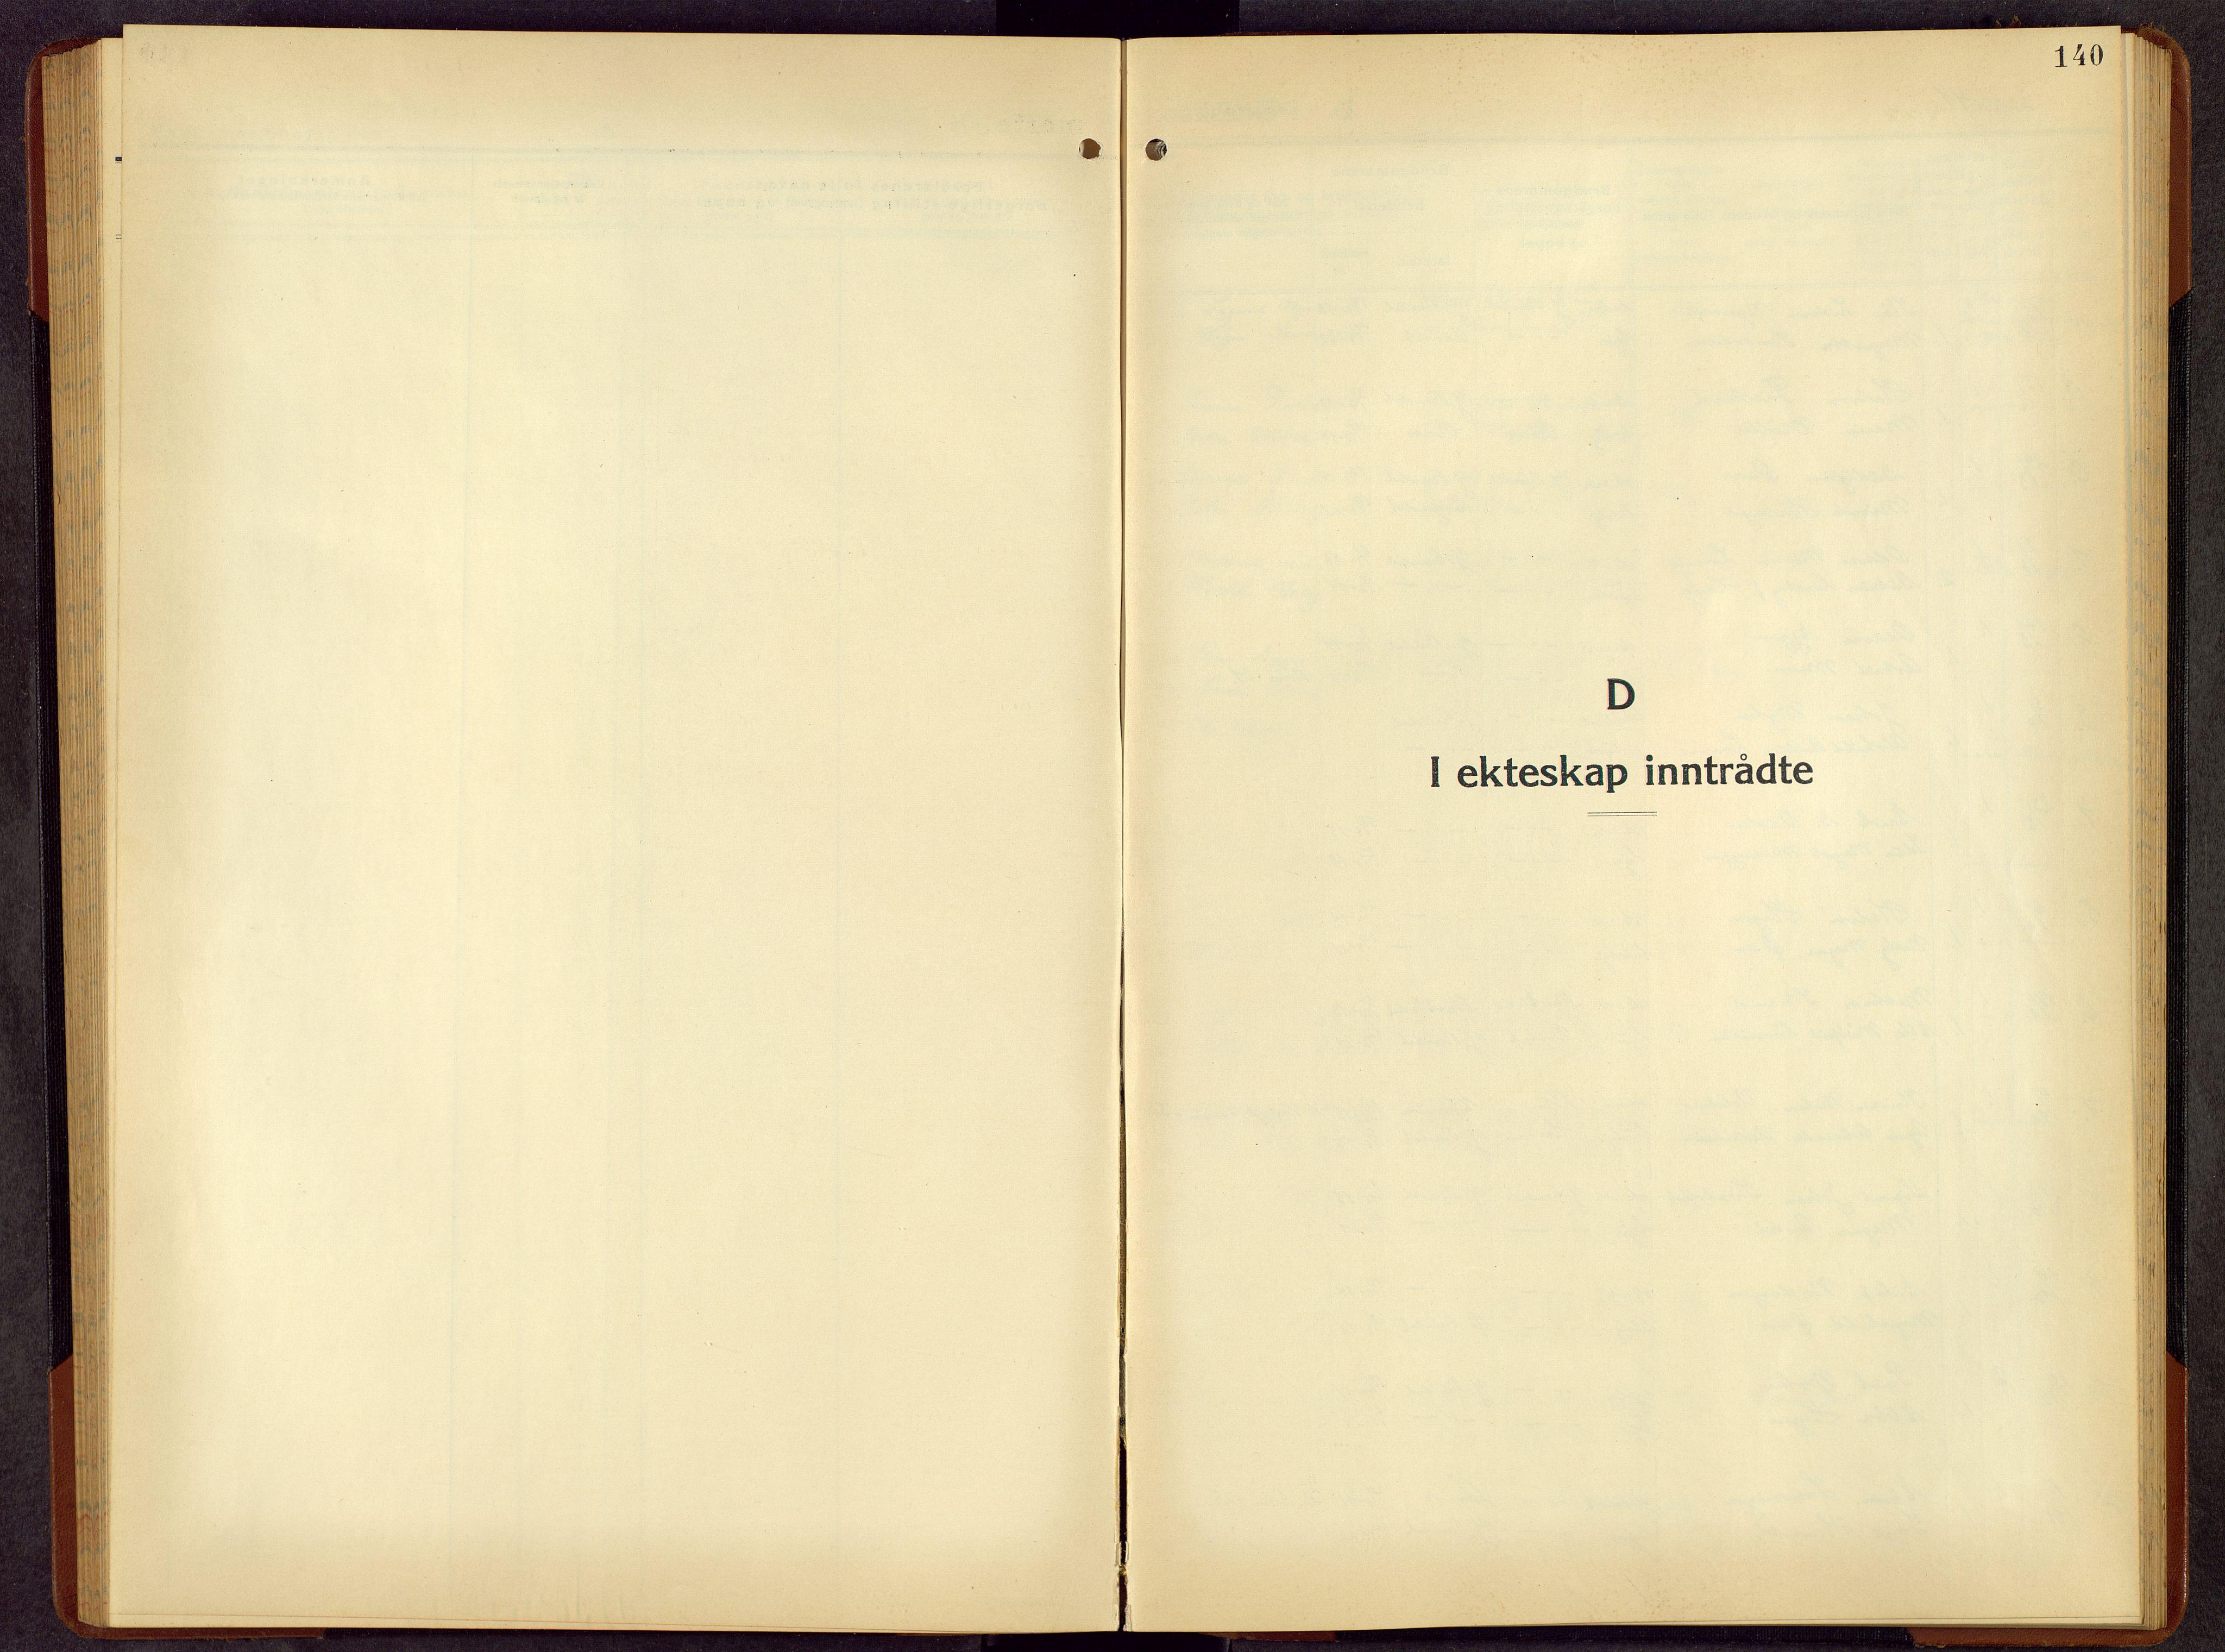 SAH, Rendalen prestekontor, H/Ha/Hab/L0006: Klokkerbok nr. 6, 1941-1958, s. 140